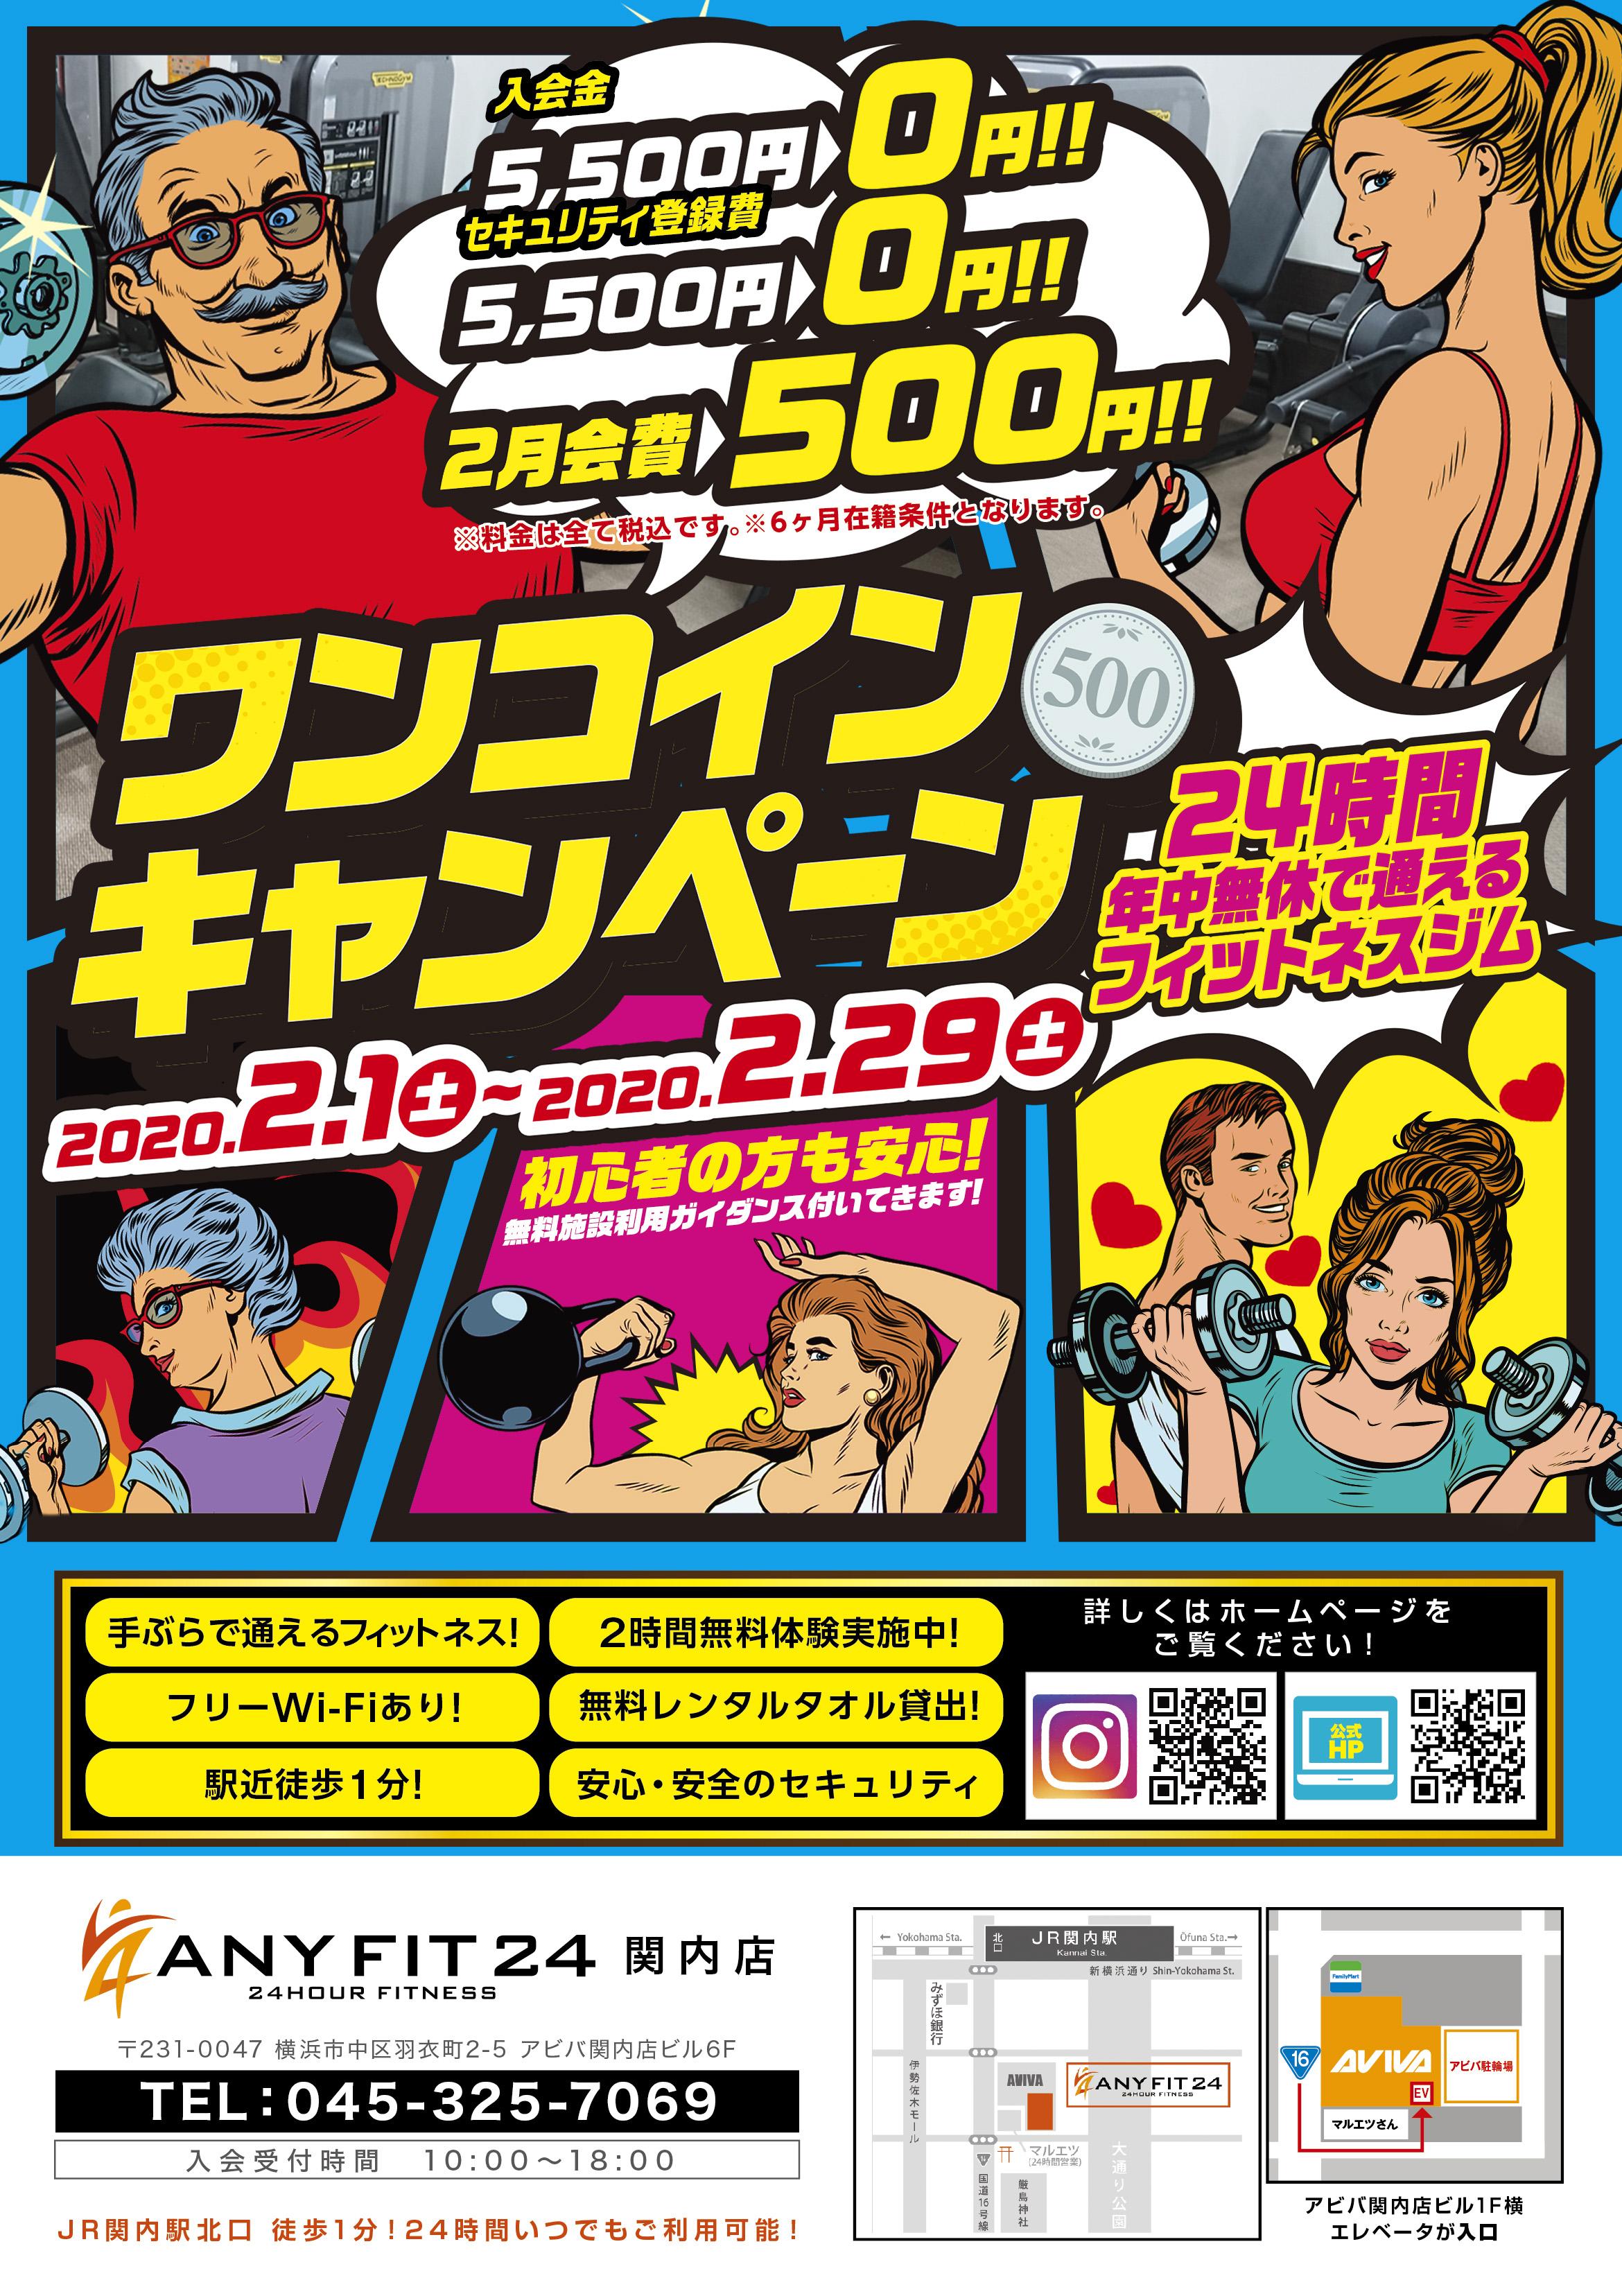 <北久里浜店・関内店>継続決定!ワンコインキャンペーン